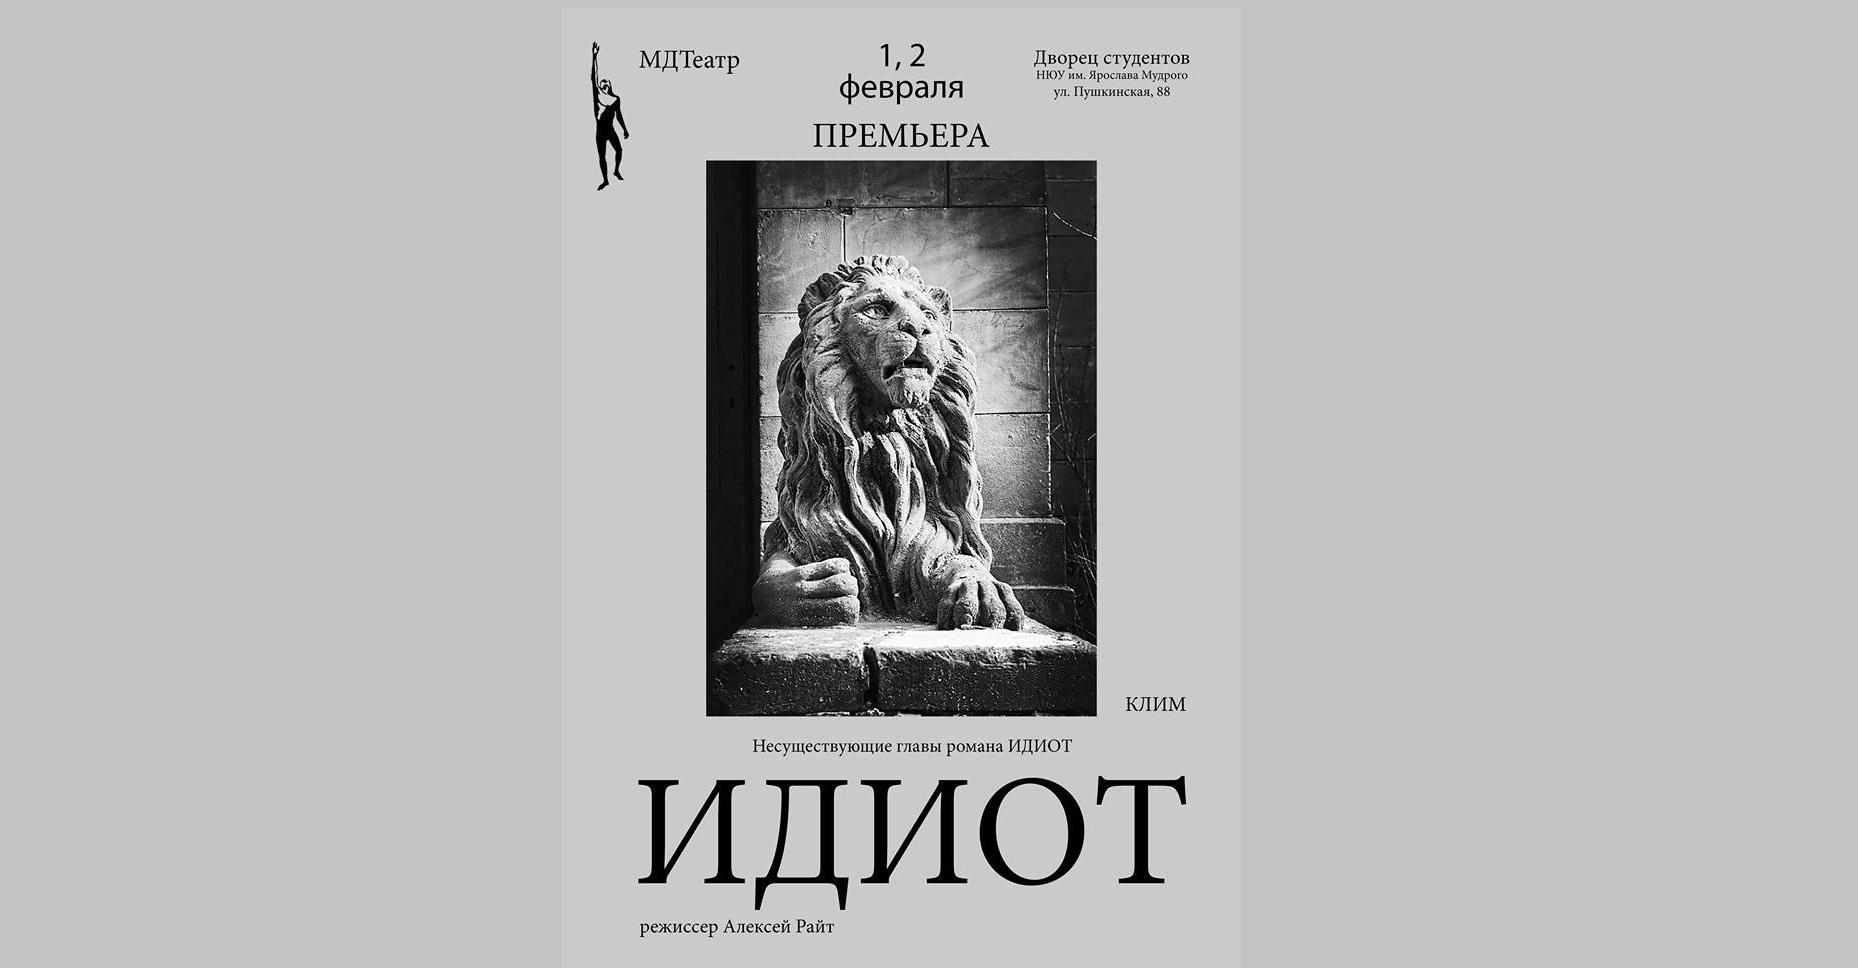 Харків Неіснуючі глави роману Достоєвського ИДИОТ КЛИМ РАЙТ